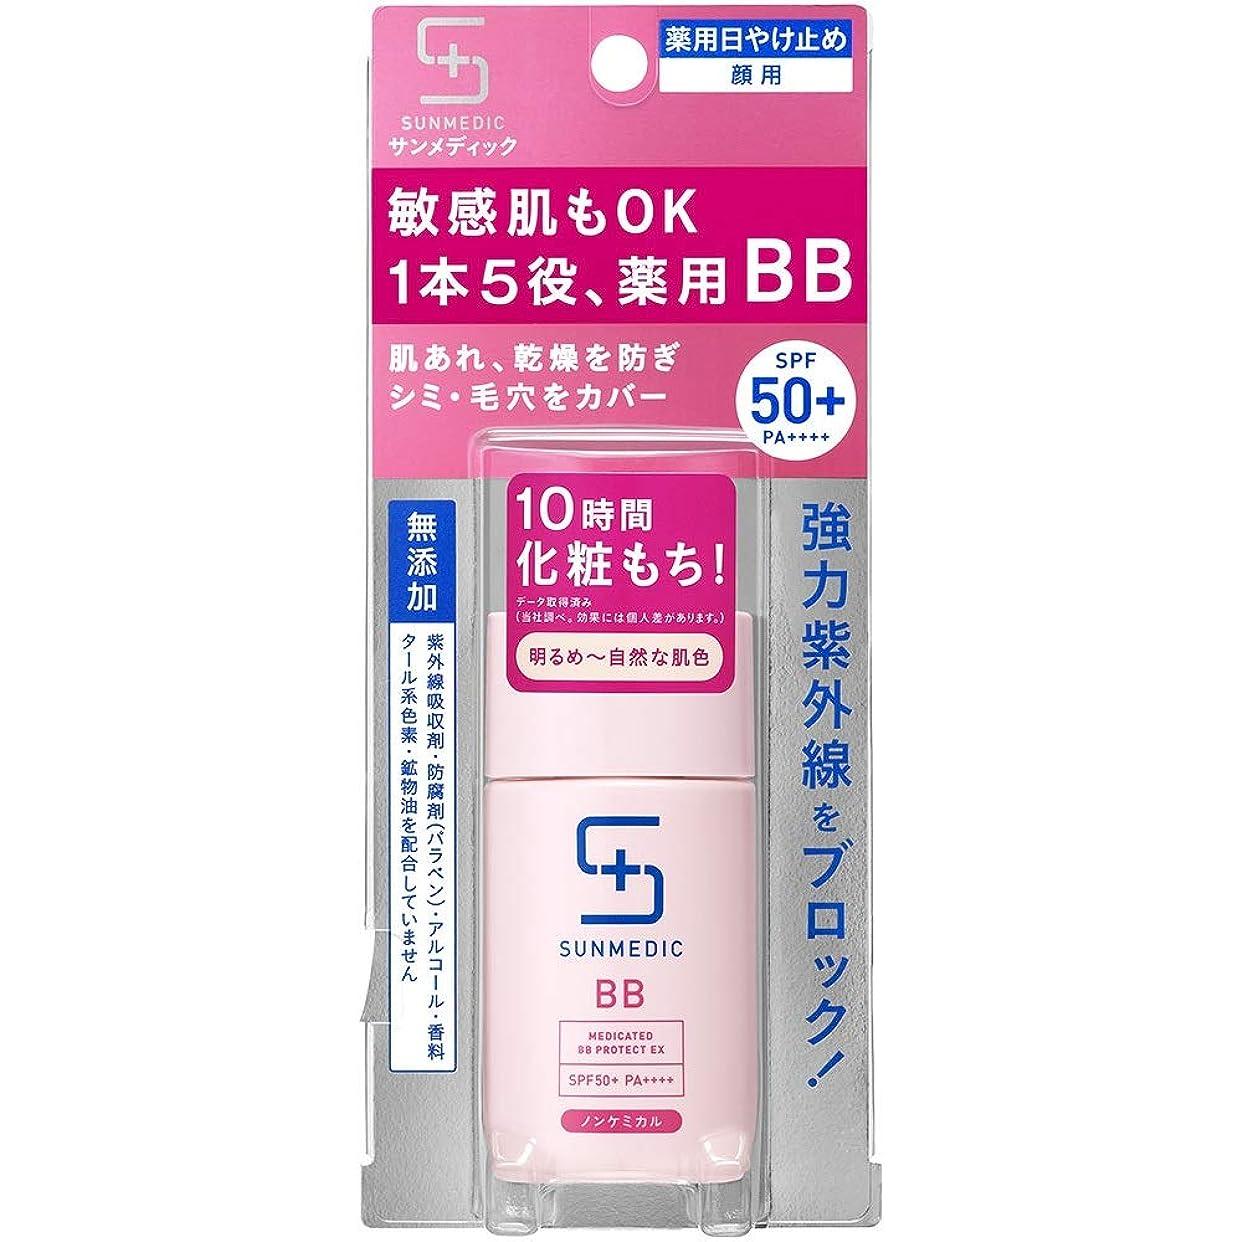 アンプカウントコピーサンメディックUV 薬用BBプロテクトEX ライト 30ml (医薬部外品)